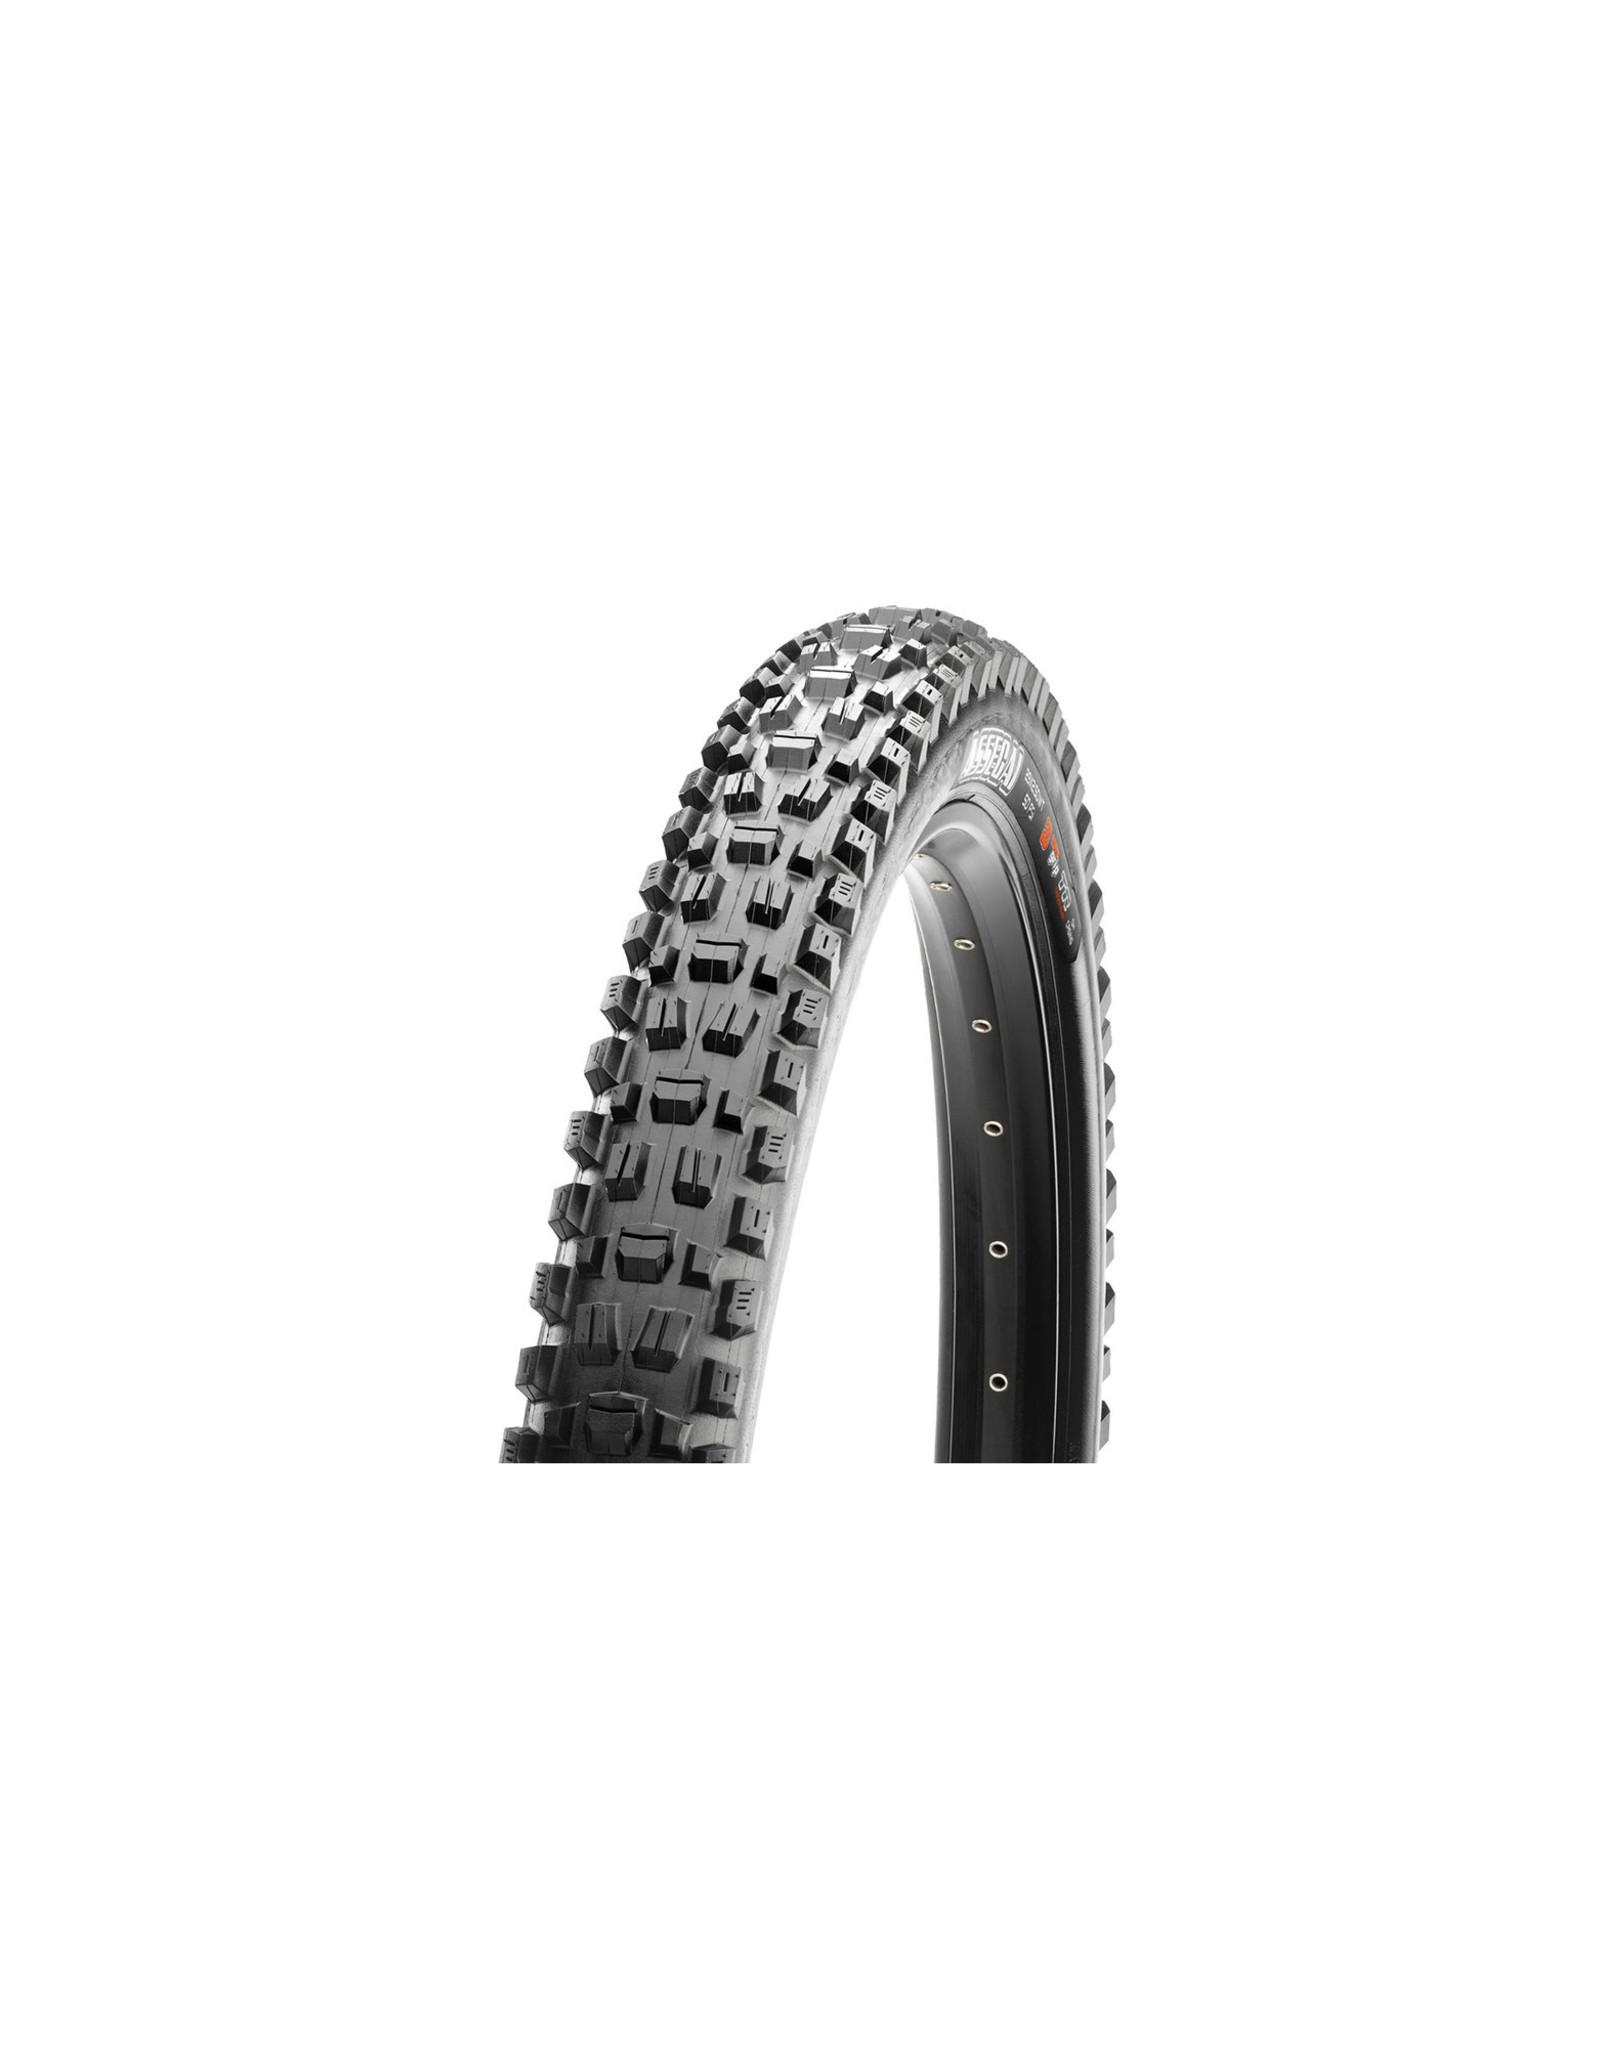 Maxxis Maxxis, Assegai, Tire, 29''x2.50, Folding, Tubeless Ready, 3C Maxx Grip, 2-ply, Wide Trail, 60TPI, Black